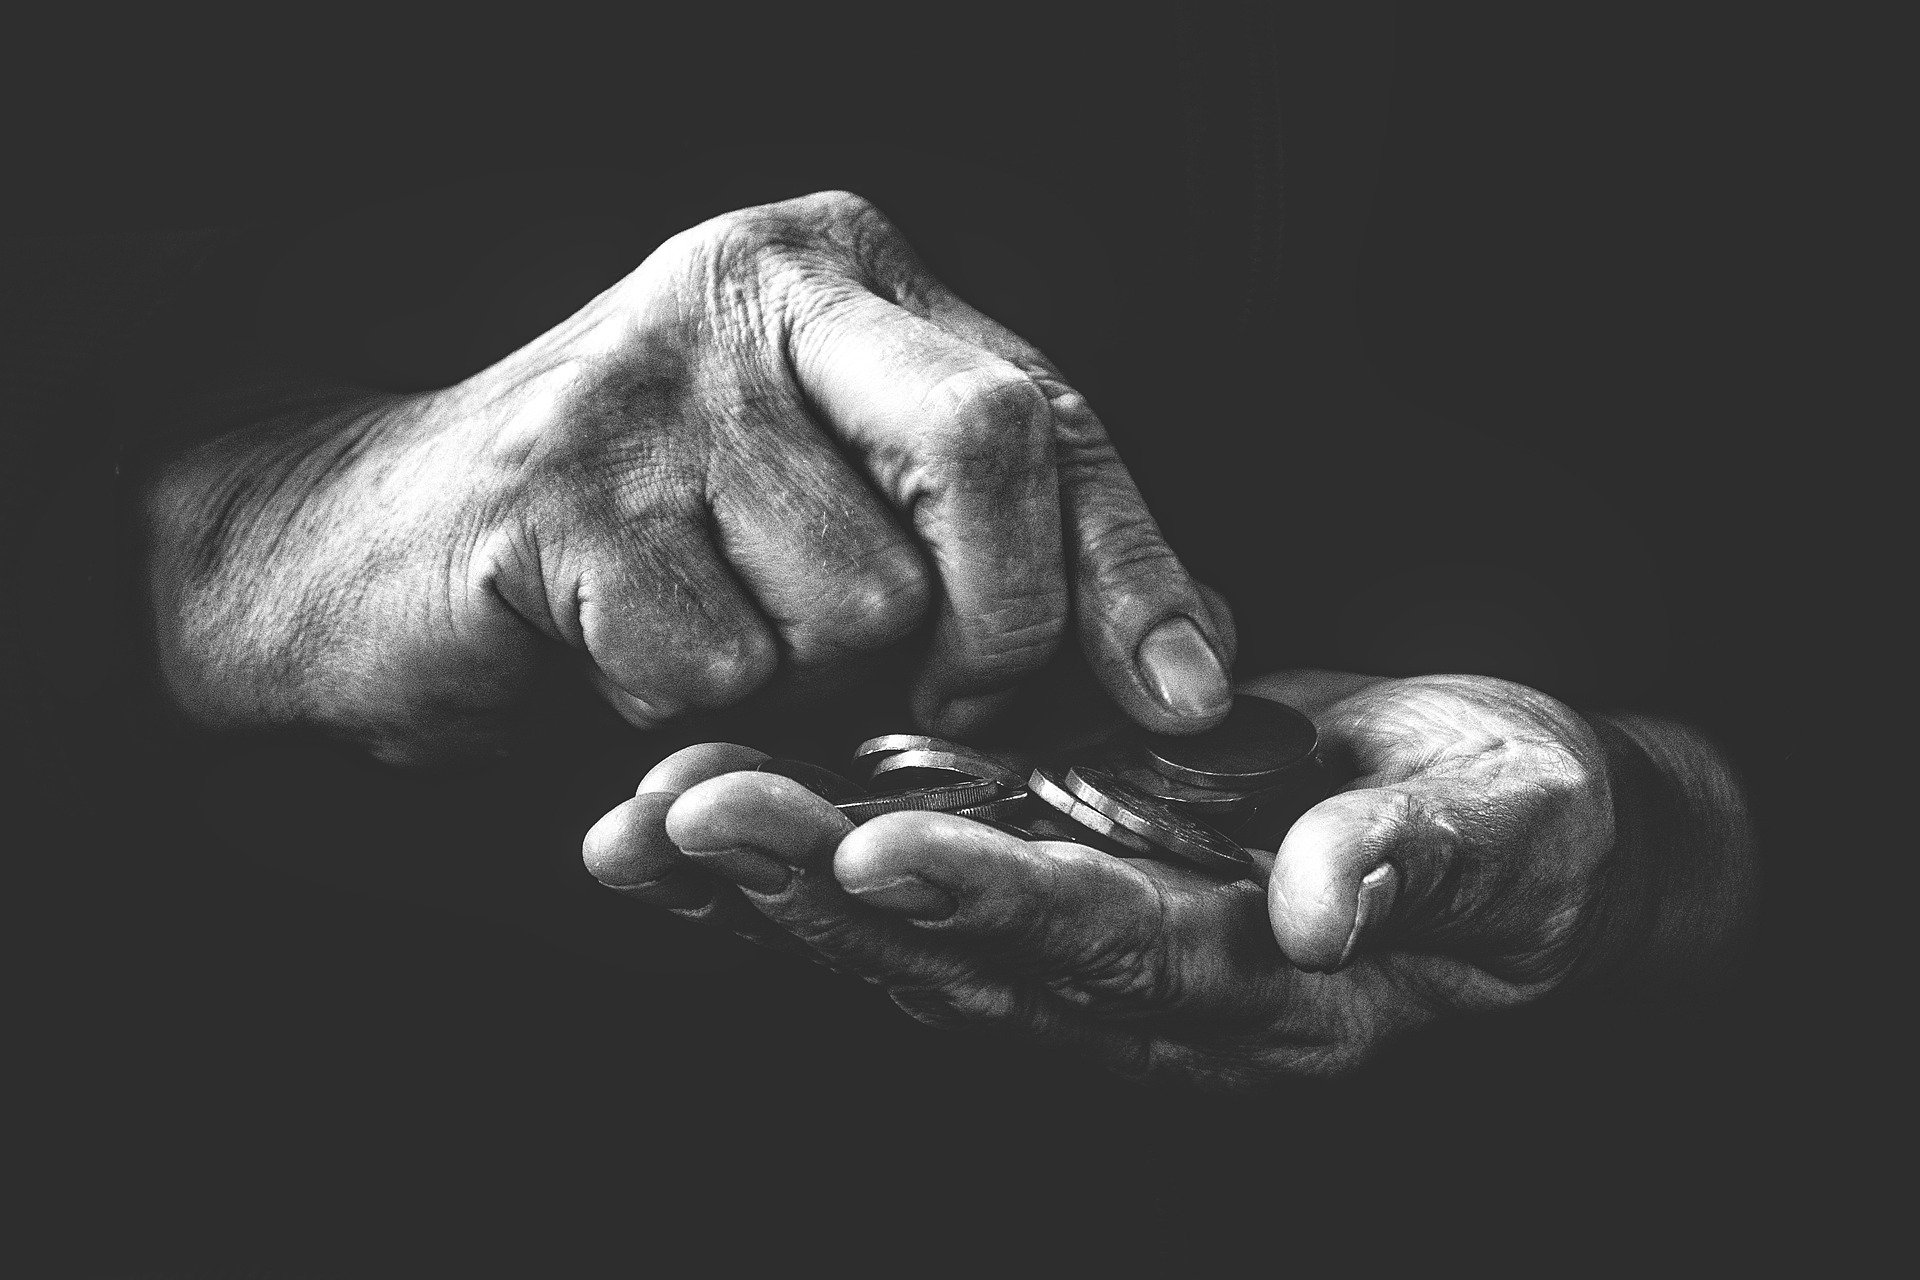 Penge mellem hænder